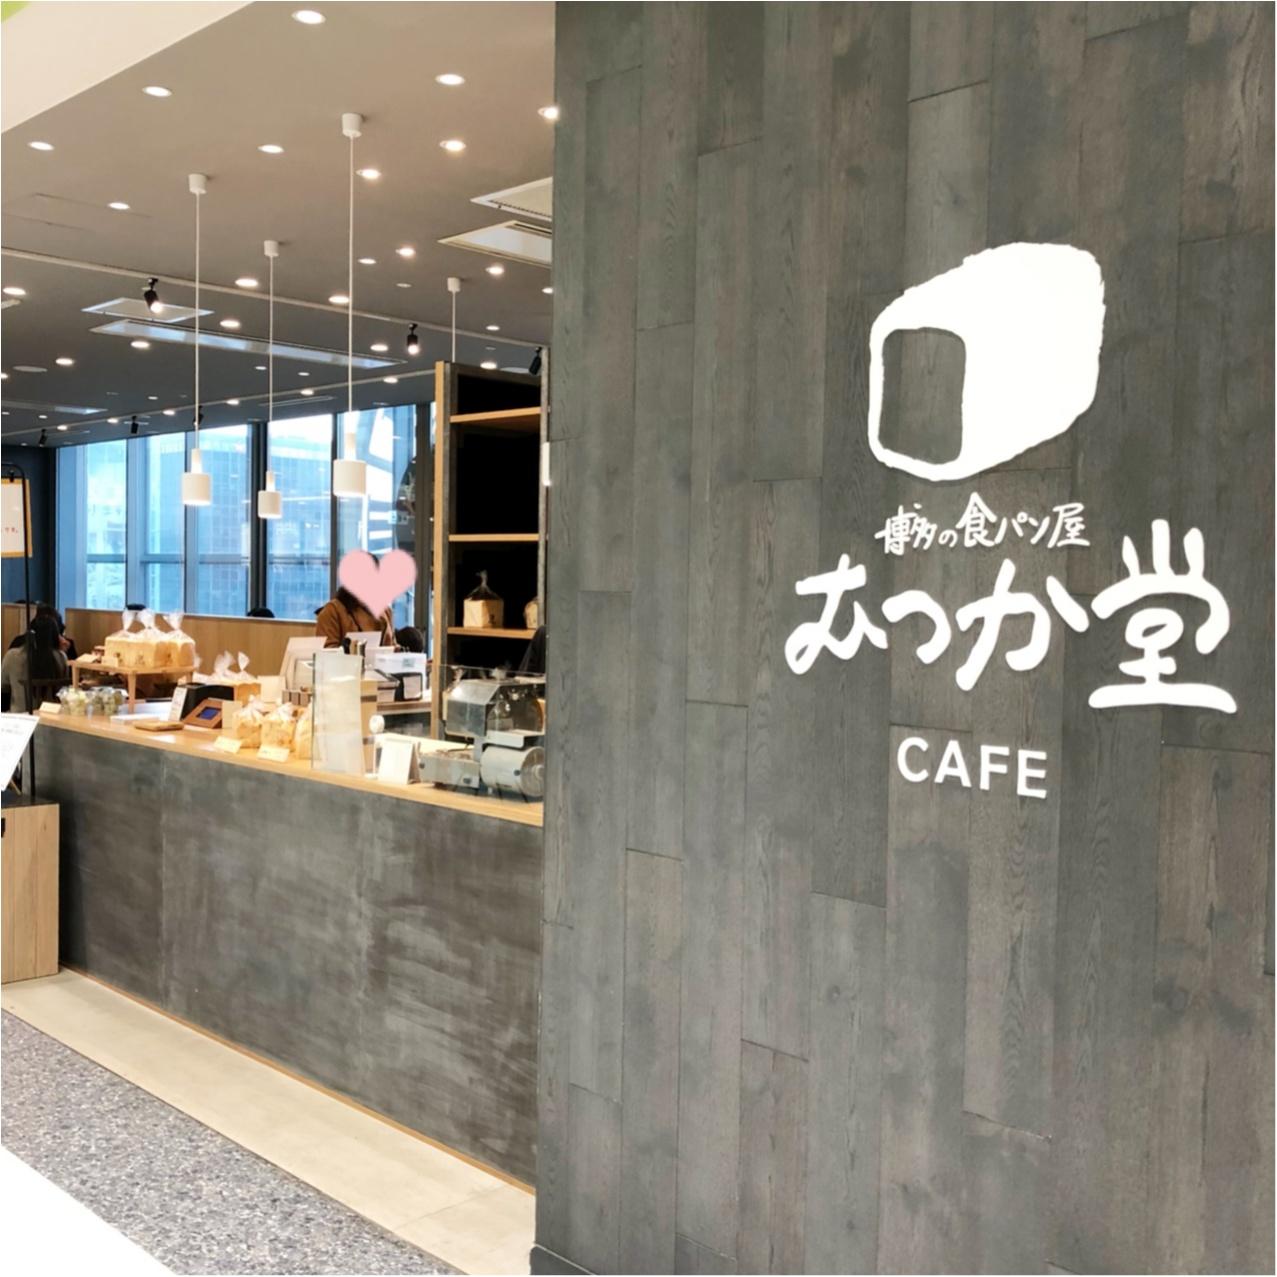 博多の食パン専門店『 むつか堂カフェ  』のフルーツミックスサンドがふわふわ甘くて美味しい♡♡_1